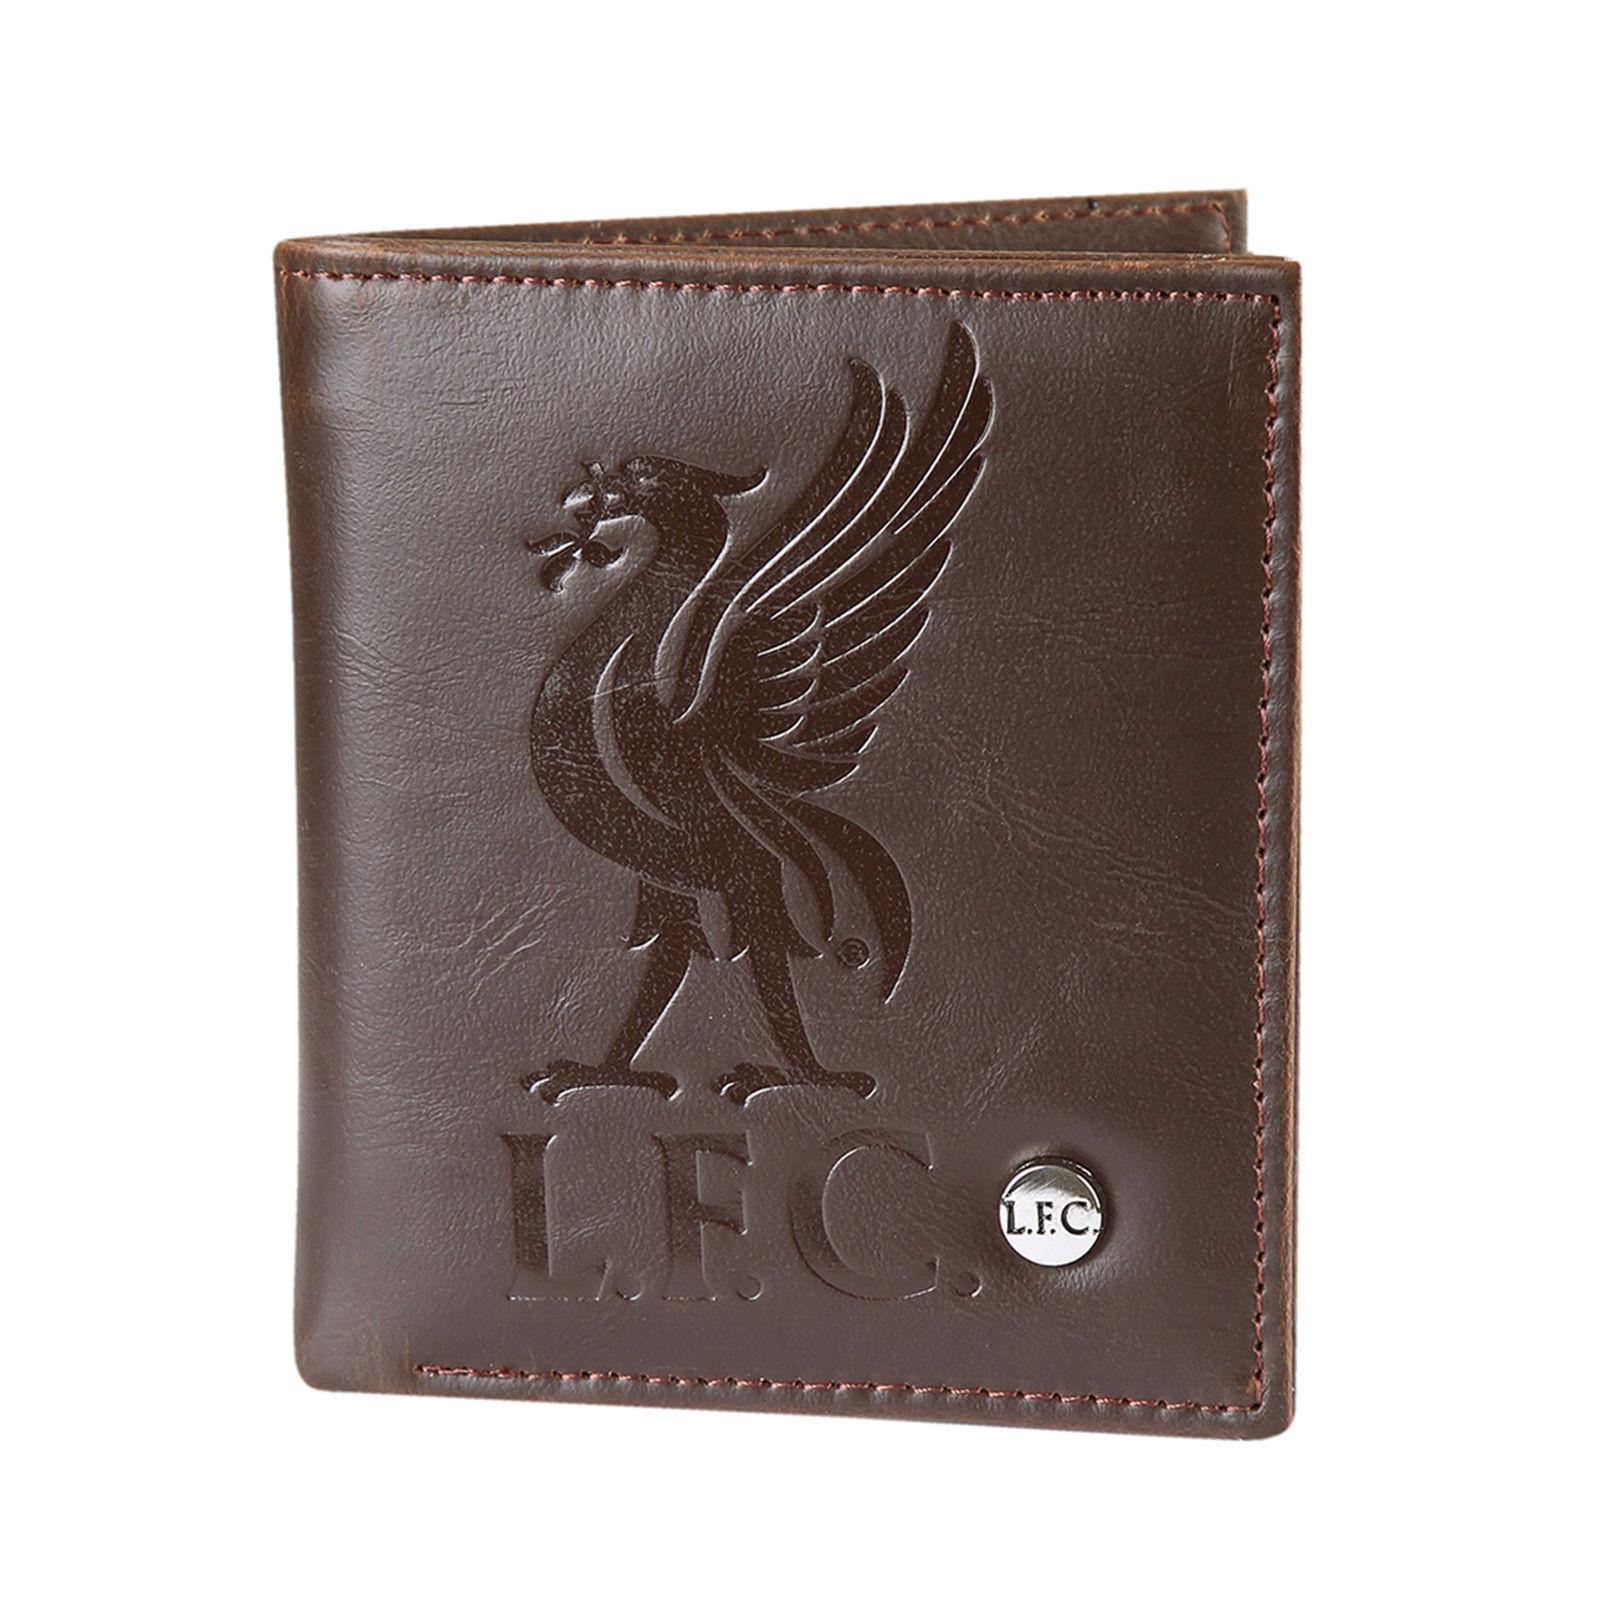 กระเป๋าสตางค์ลิเวอร์พูล Luxury Brown ของแท้